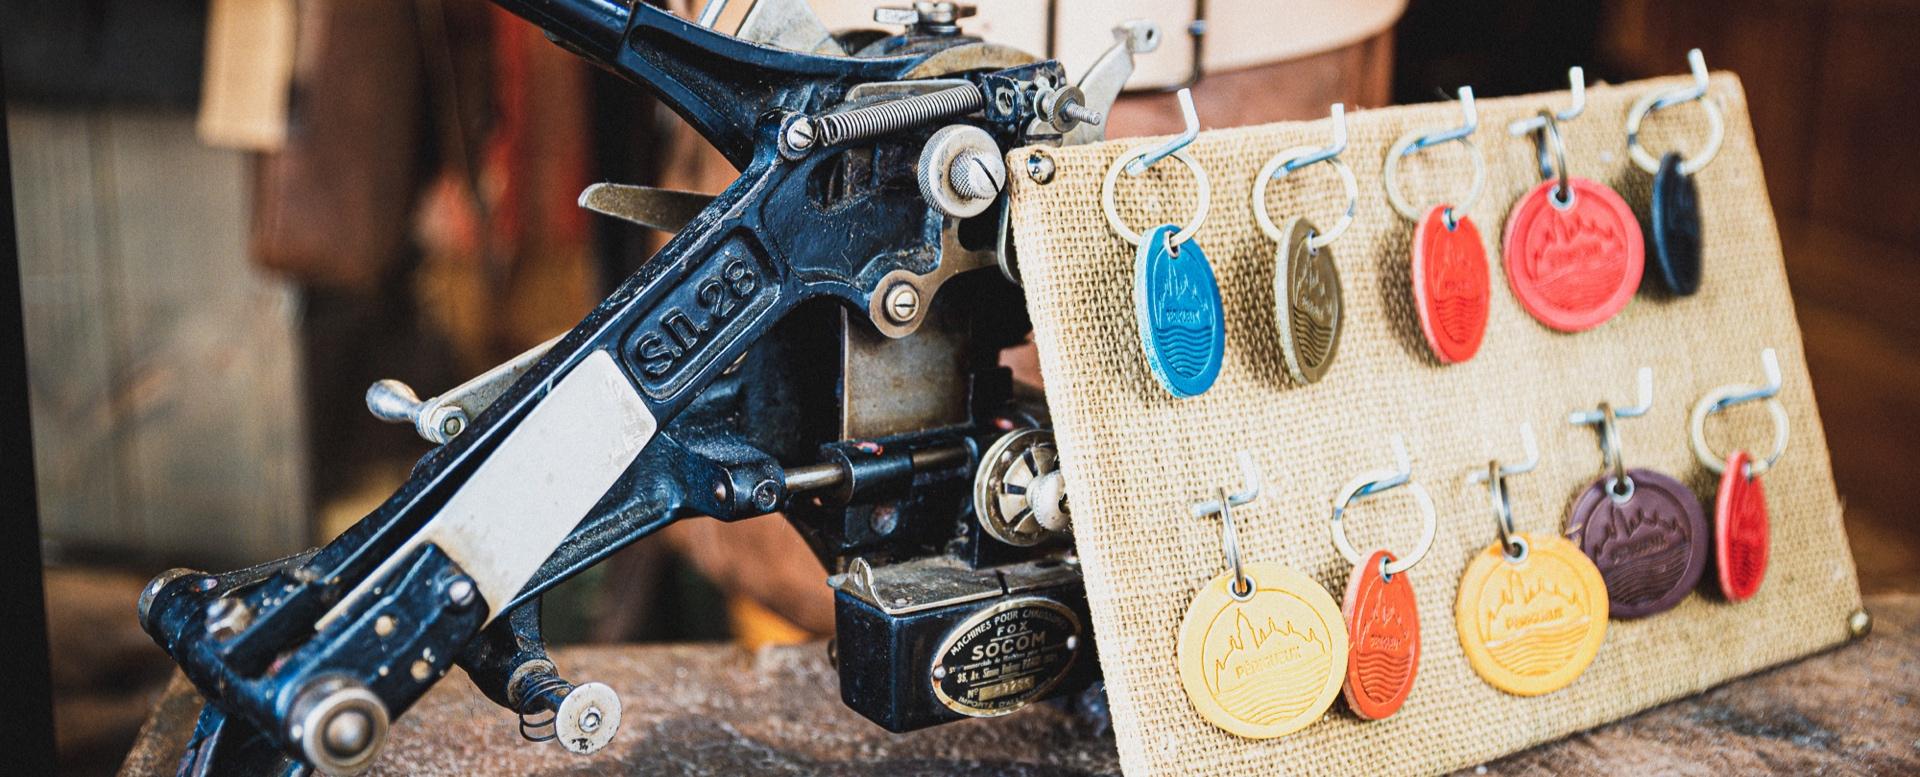 Roch&Gaston, ceintures et maroquinerie en cuir à Périgueux en Dordogne